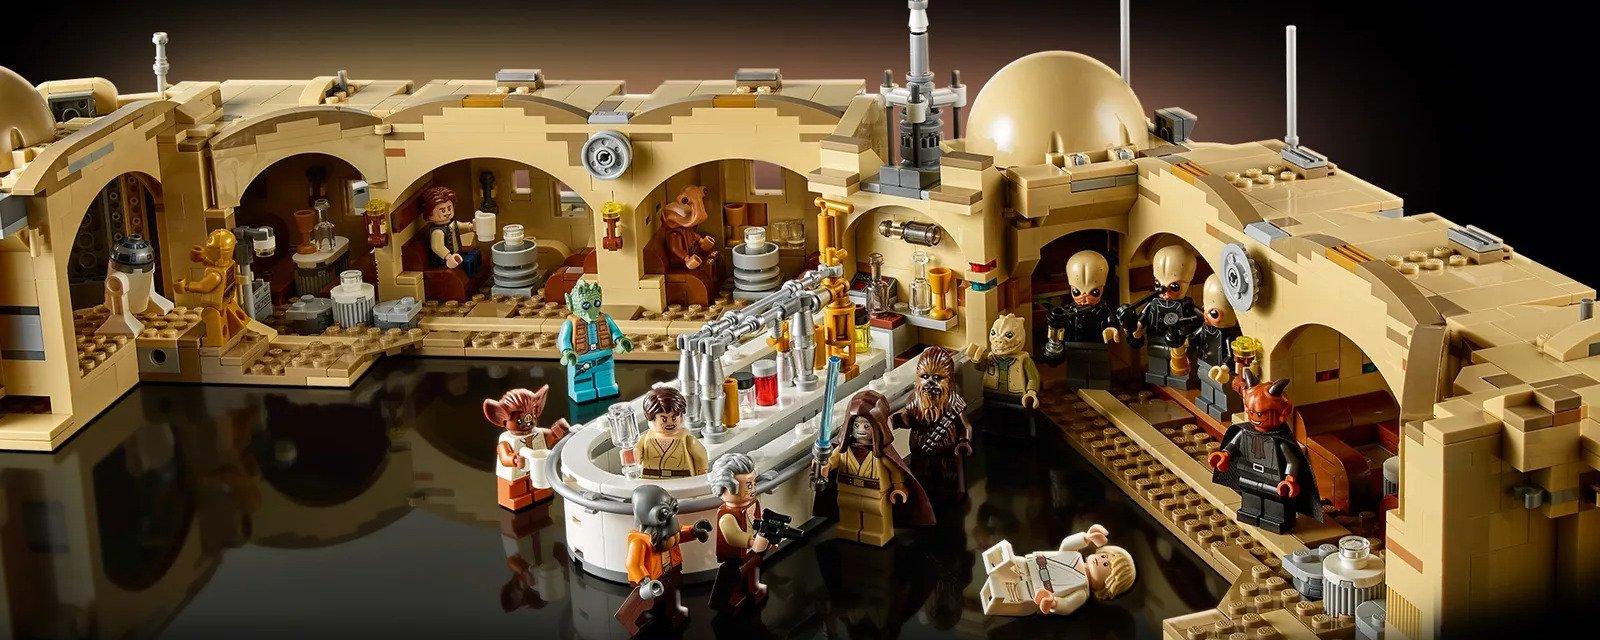 Confira o novo LEGO de Star Wars: a cantina de Mos Eisley